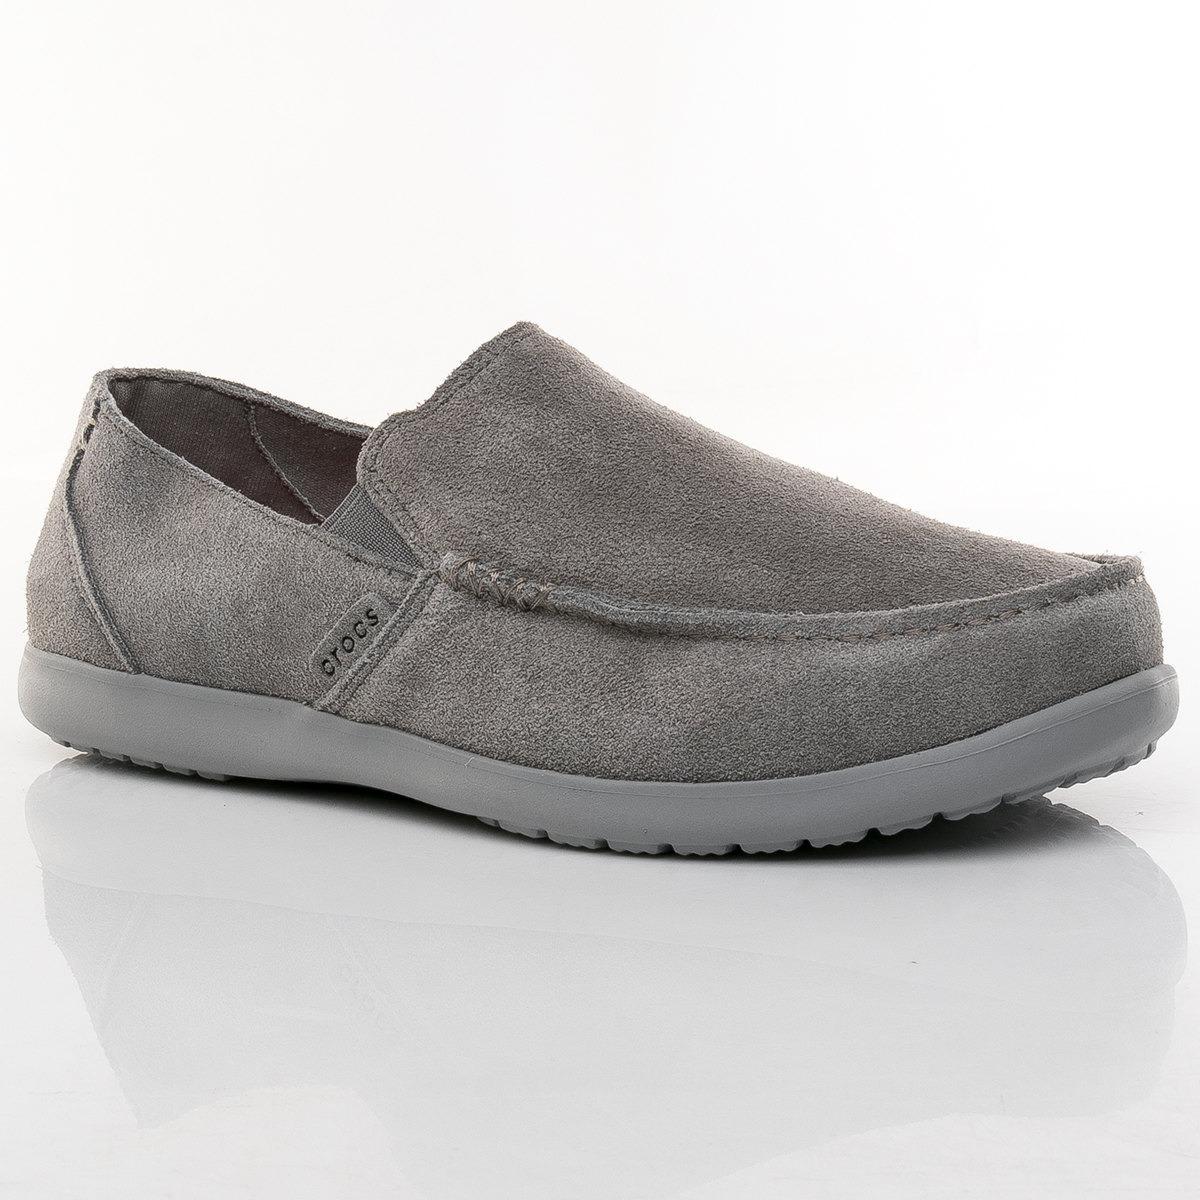 e70f0101a157d zapatos santa cruz gris crocs sport 78. Cargando zoom.